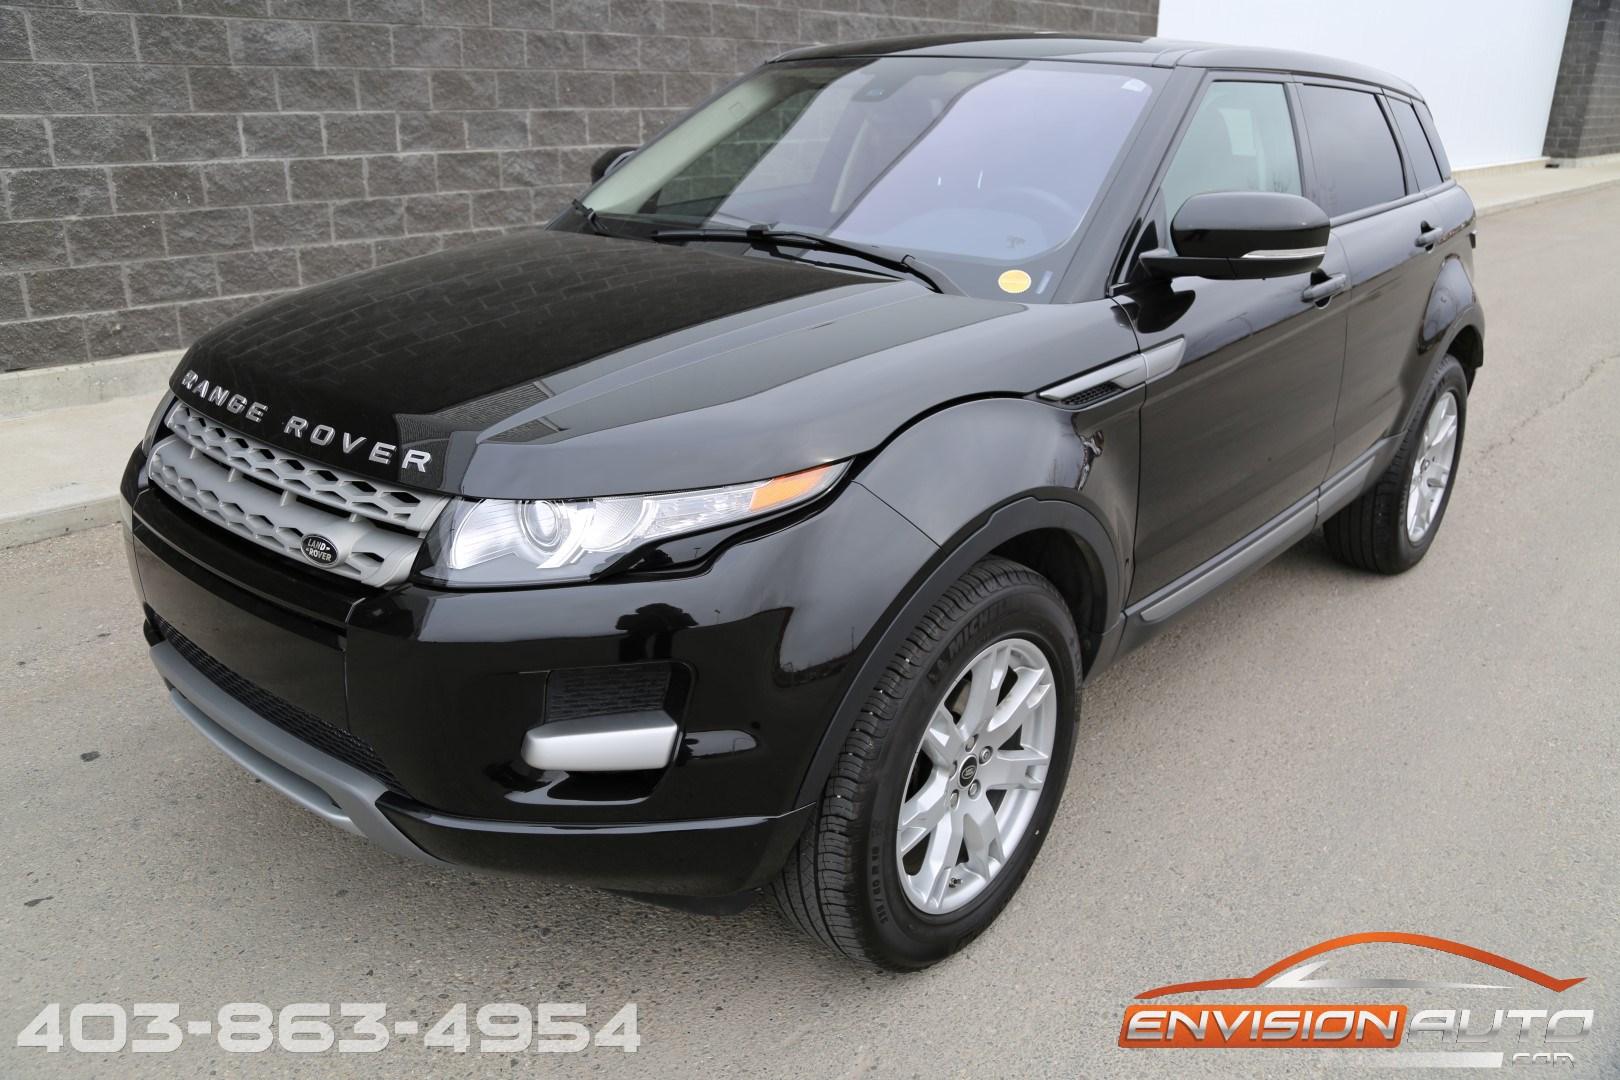 2013 Land Rover Range Rover Evoque Pure Envision Auto